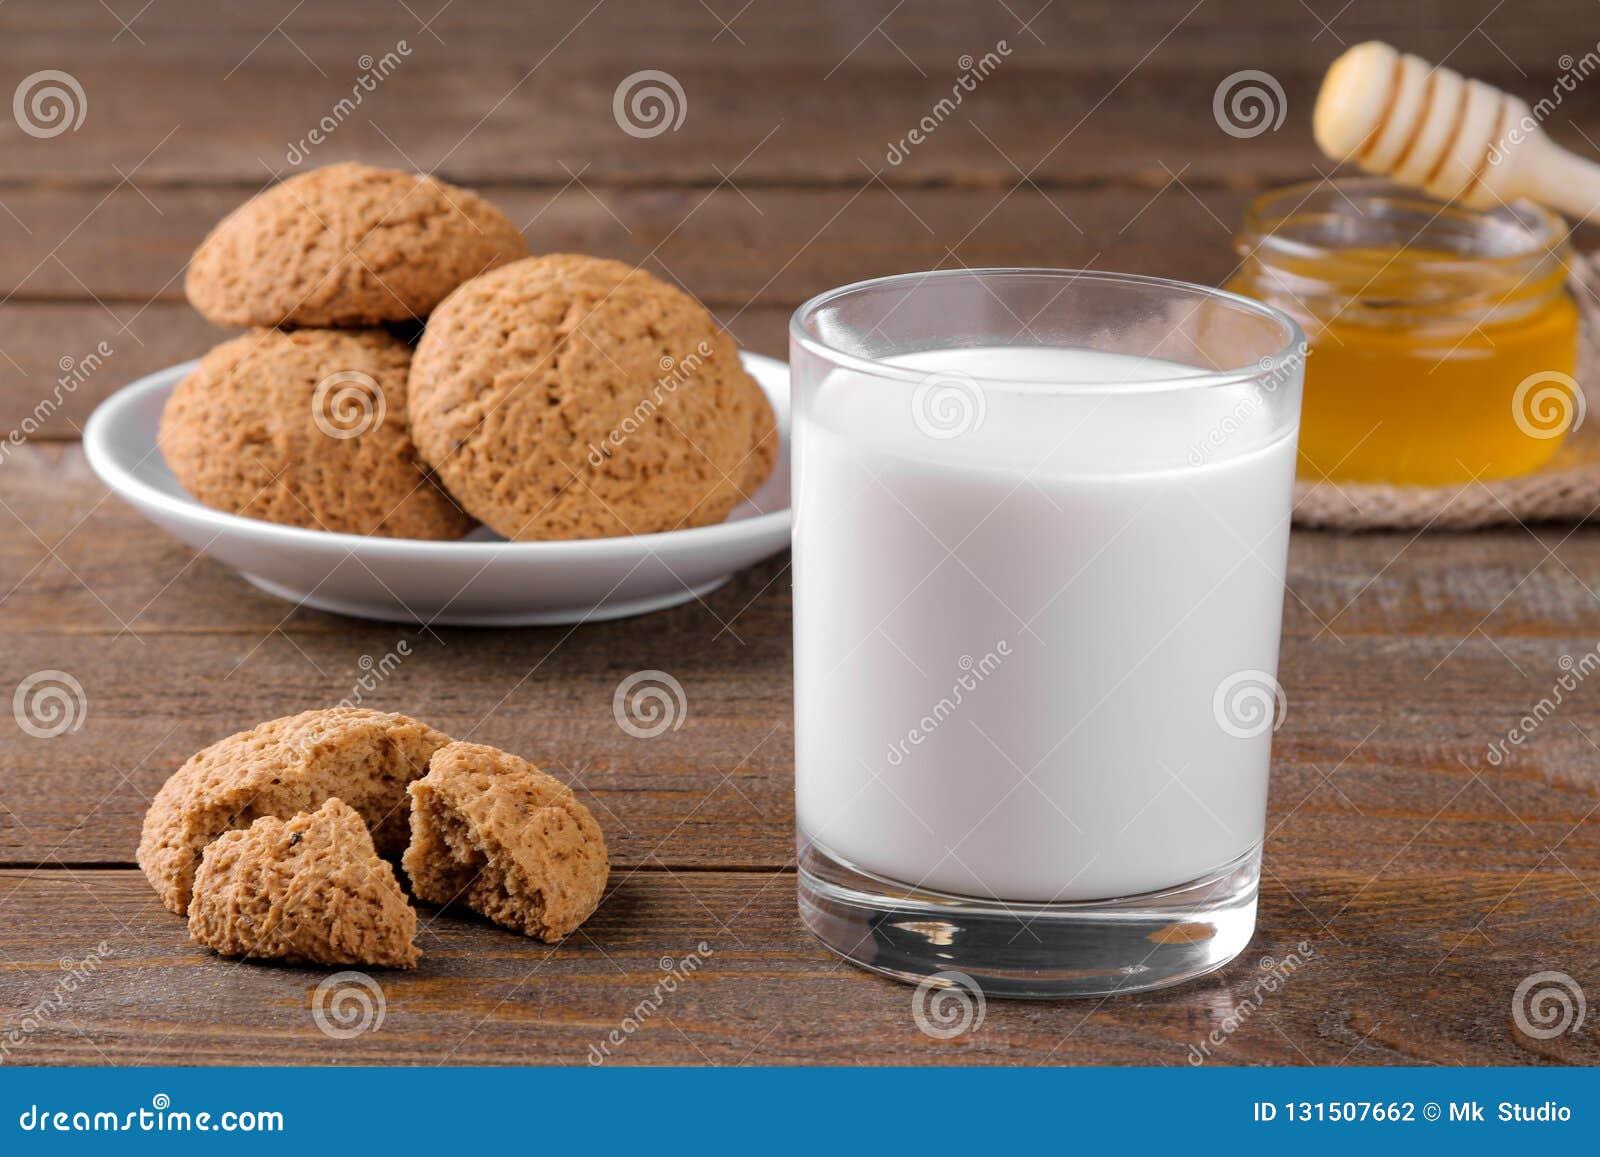 Вкусные печенья овсяной каши с медом и молоком на салфетке на коричневом деревянном столе